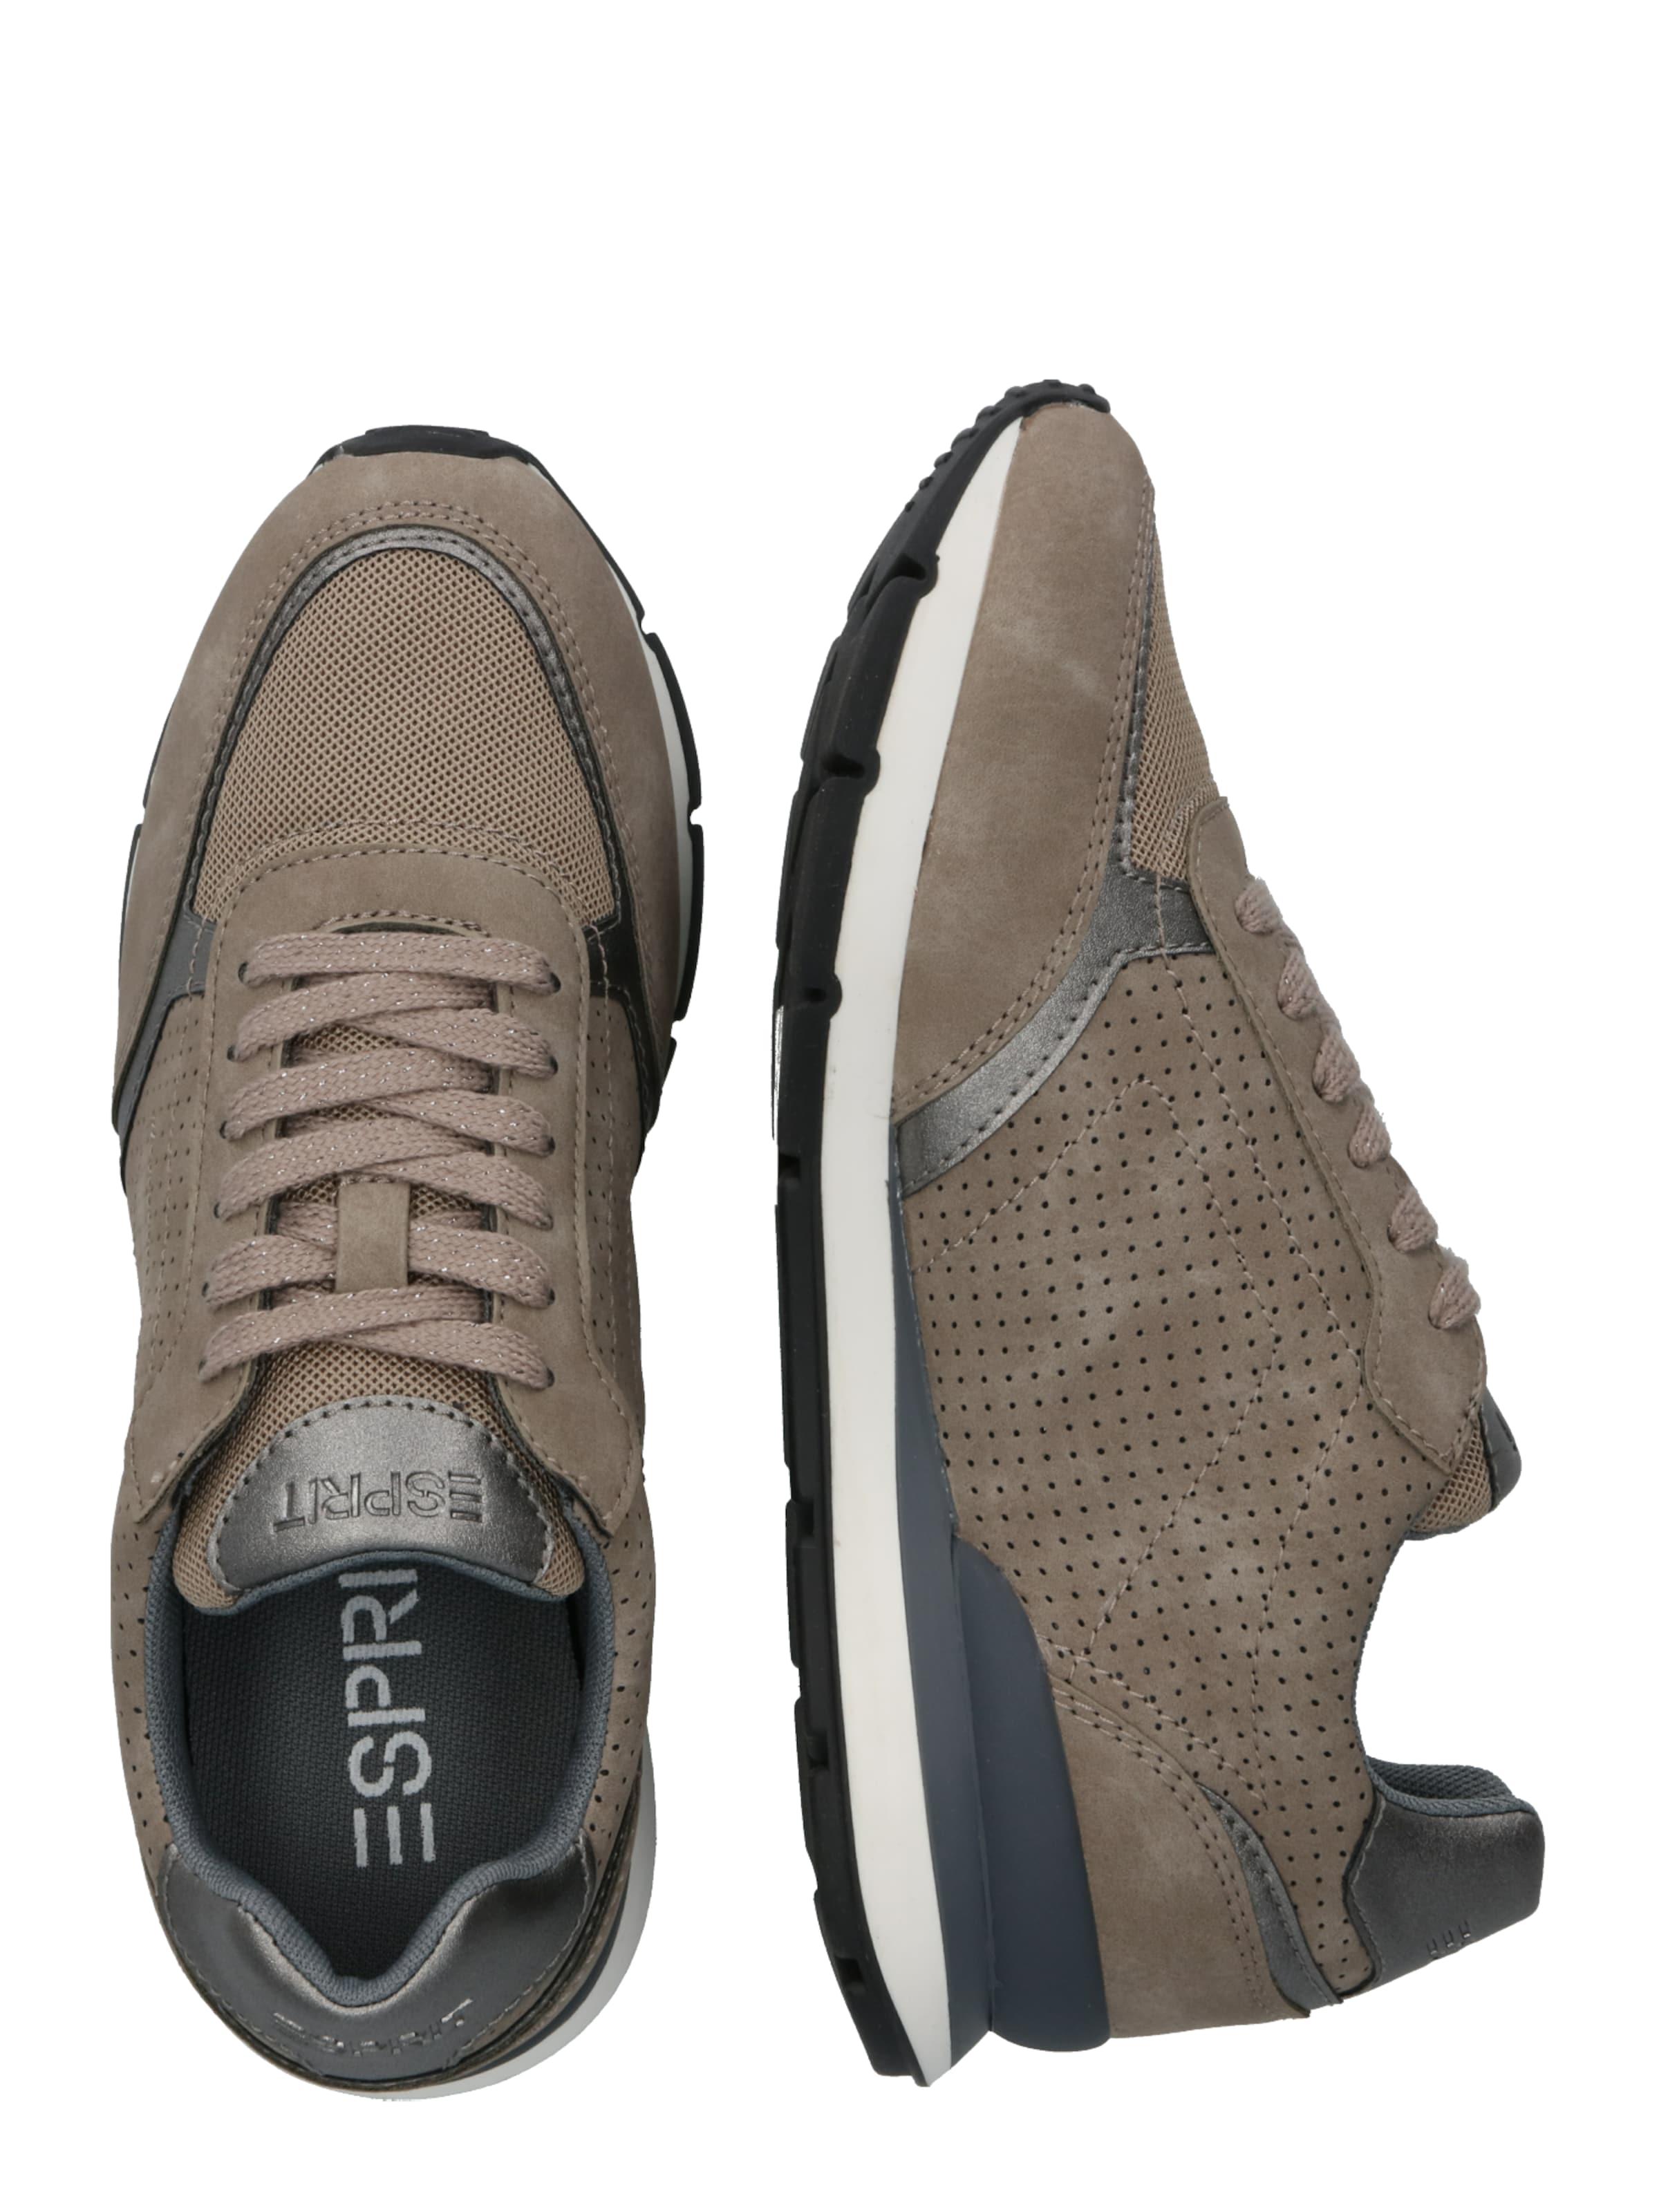 En Casual MarronGris Blanchet Shoes' Basses ' Esprit Baskets Lu 9WIEDH2Y